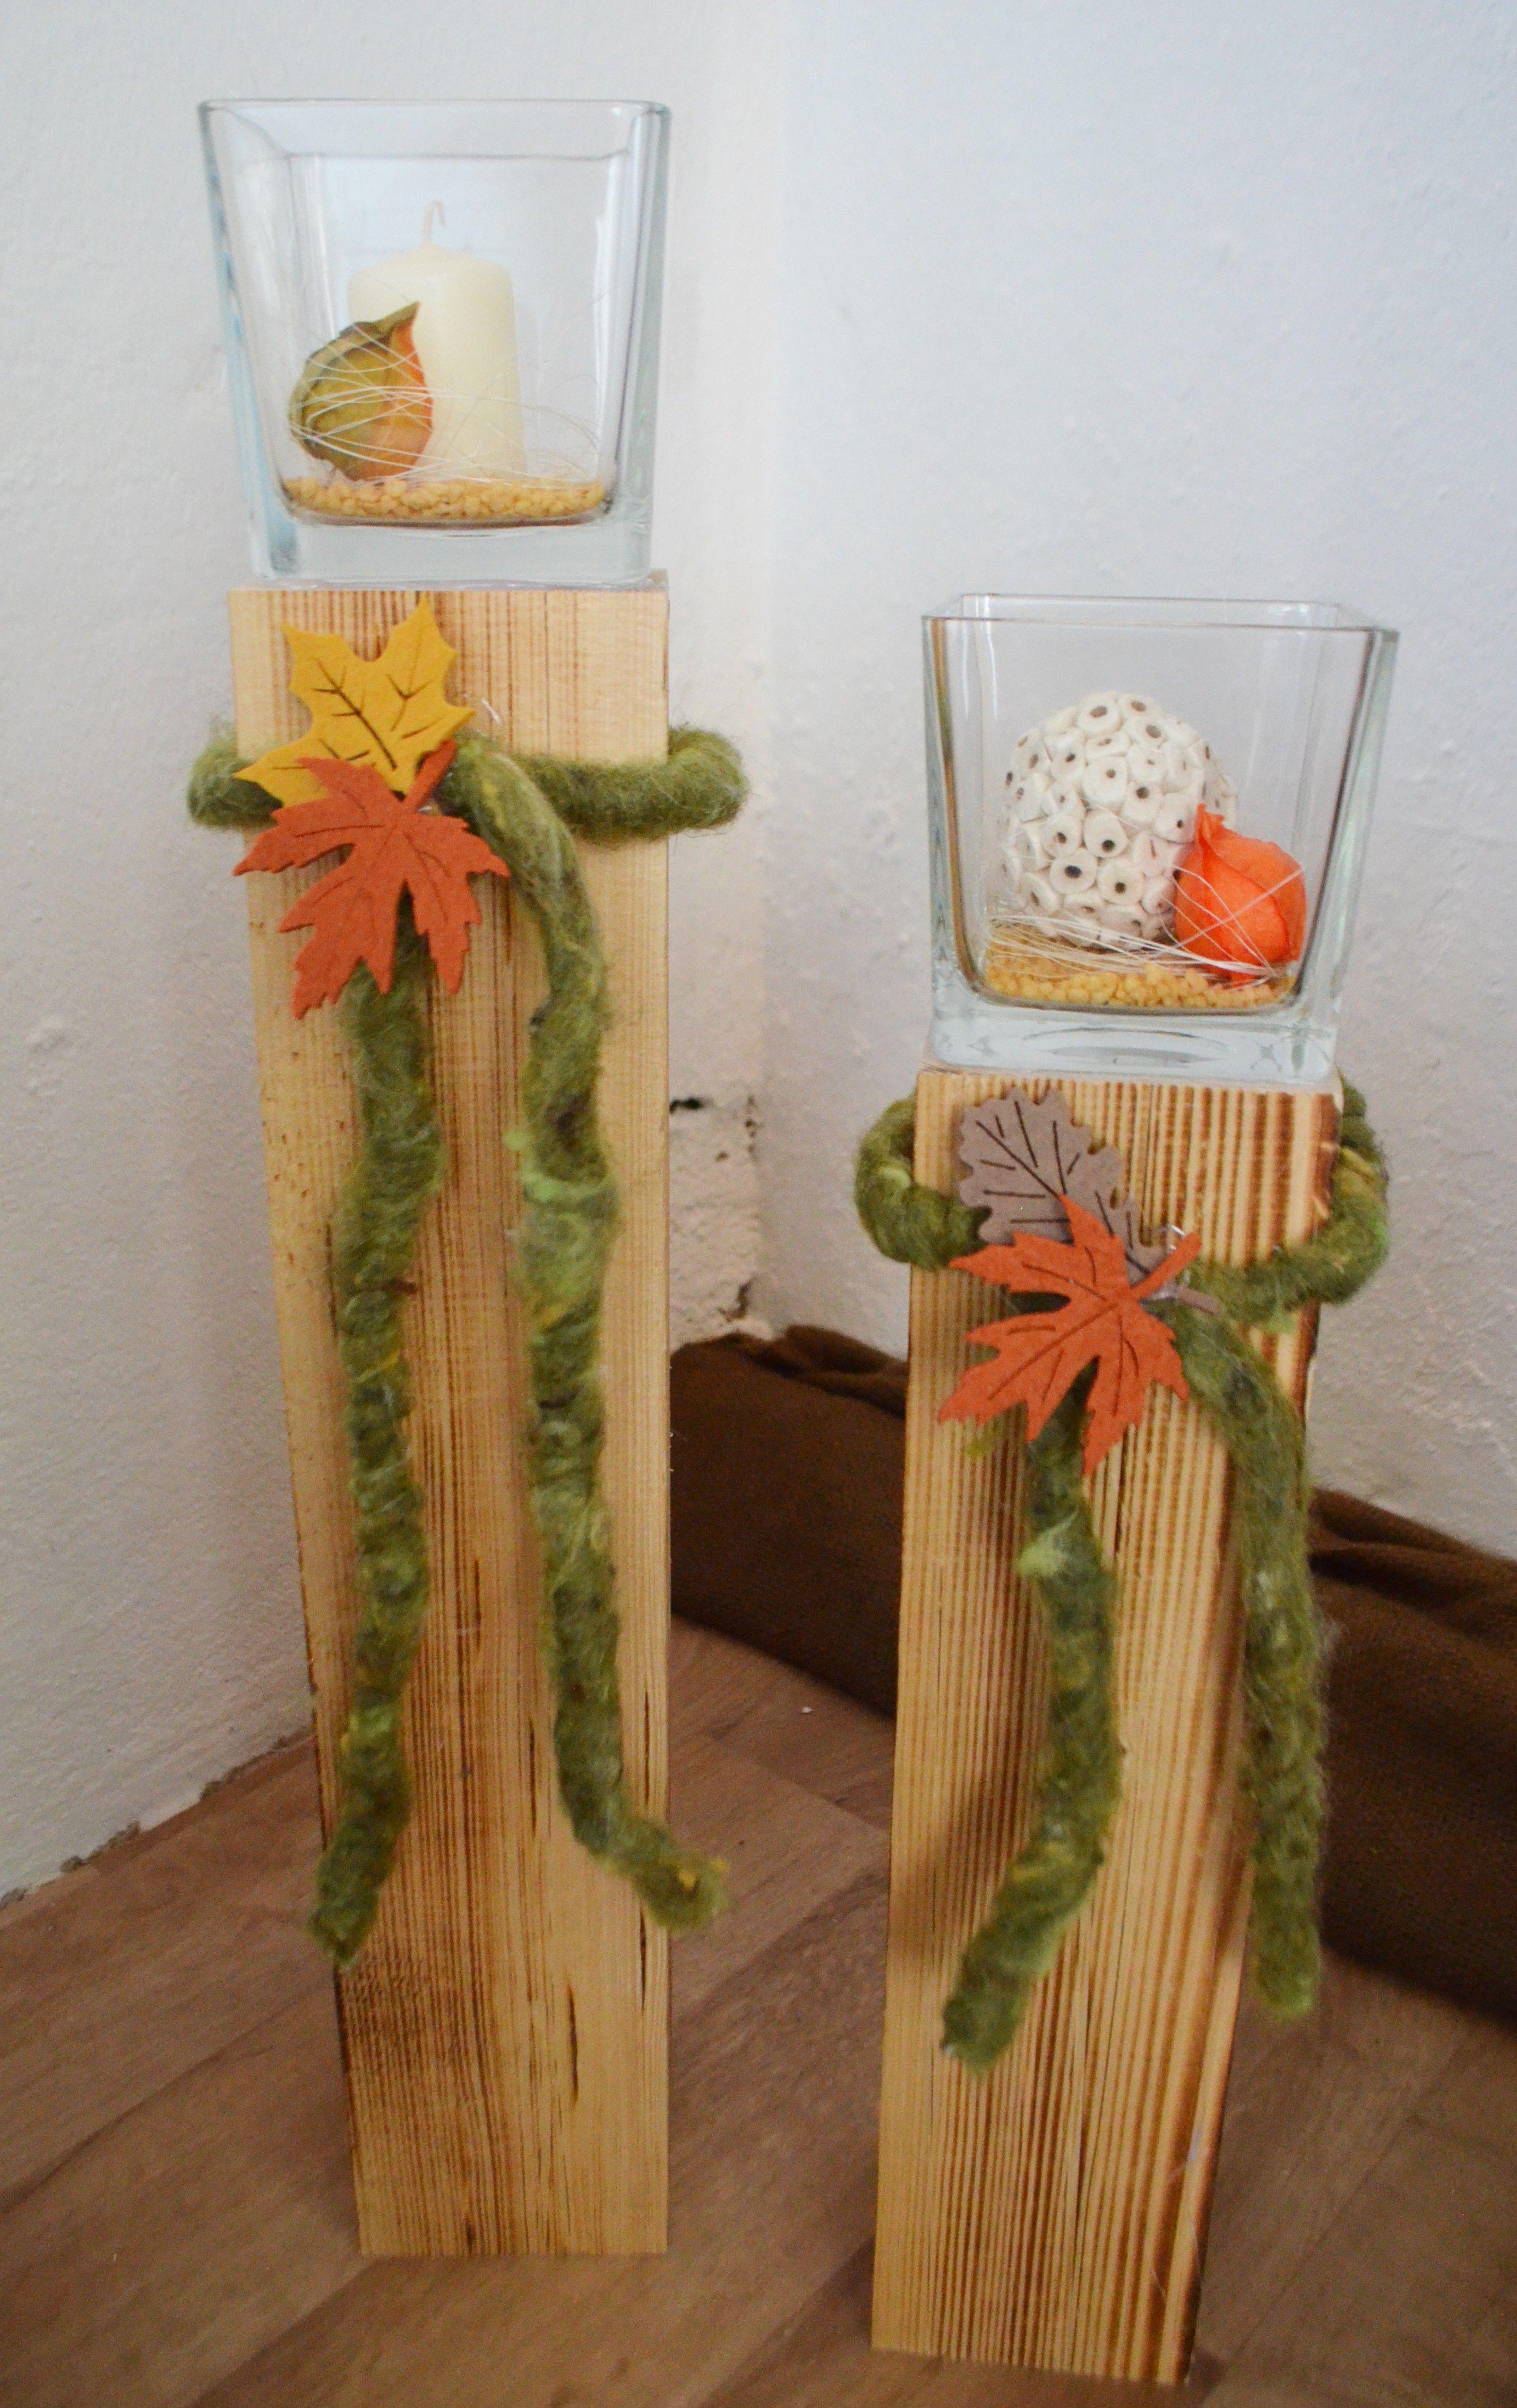 altholz holz deko herbst natur pilz set stellen | holzfüchse herbst